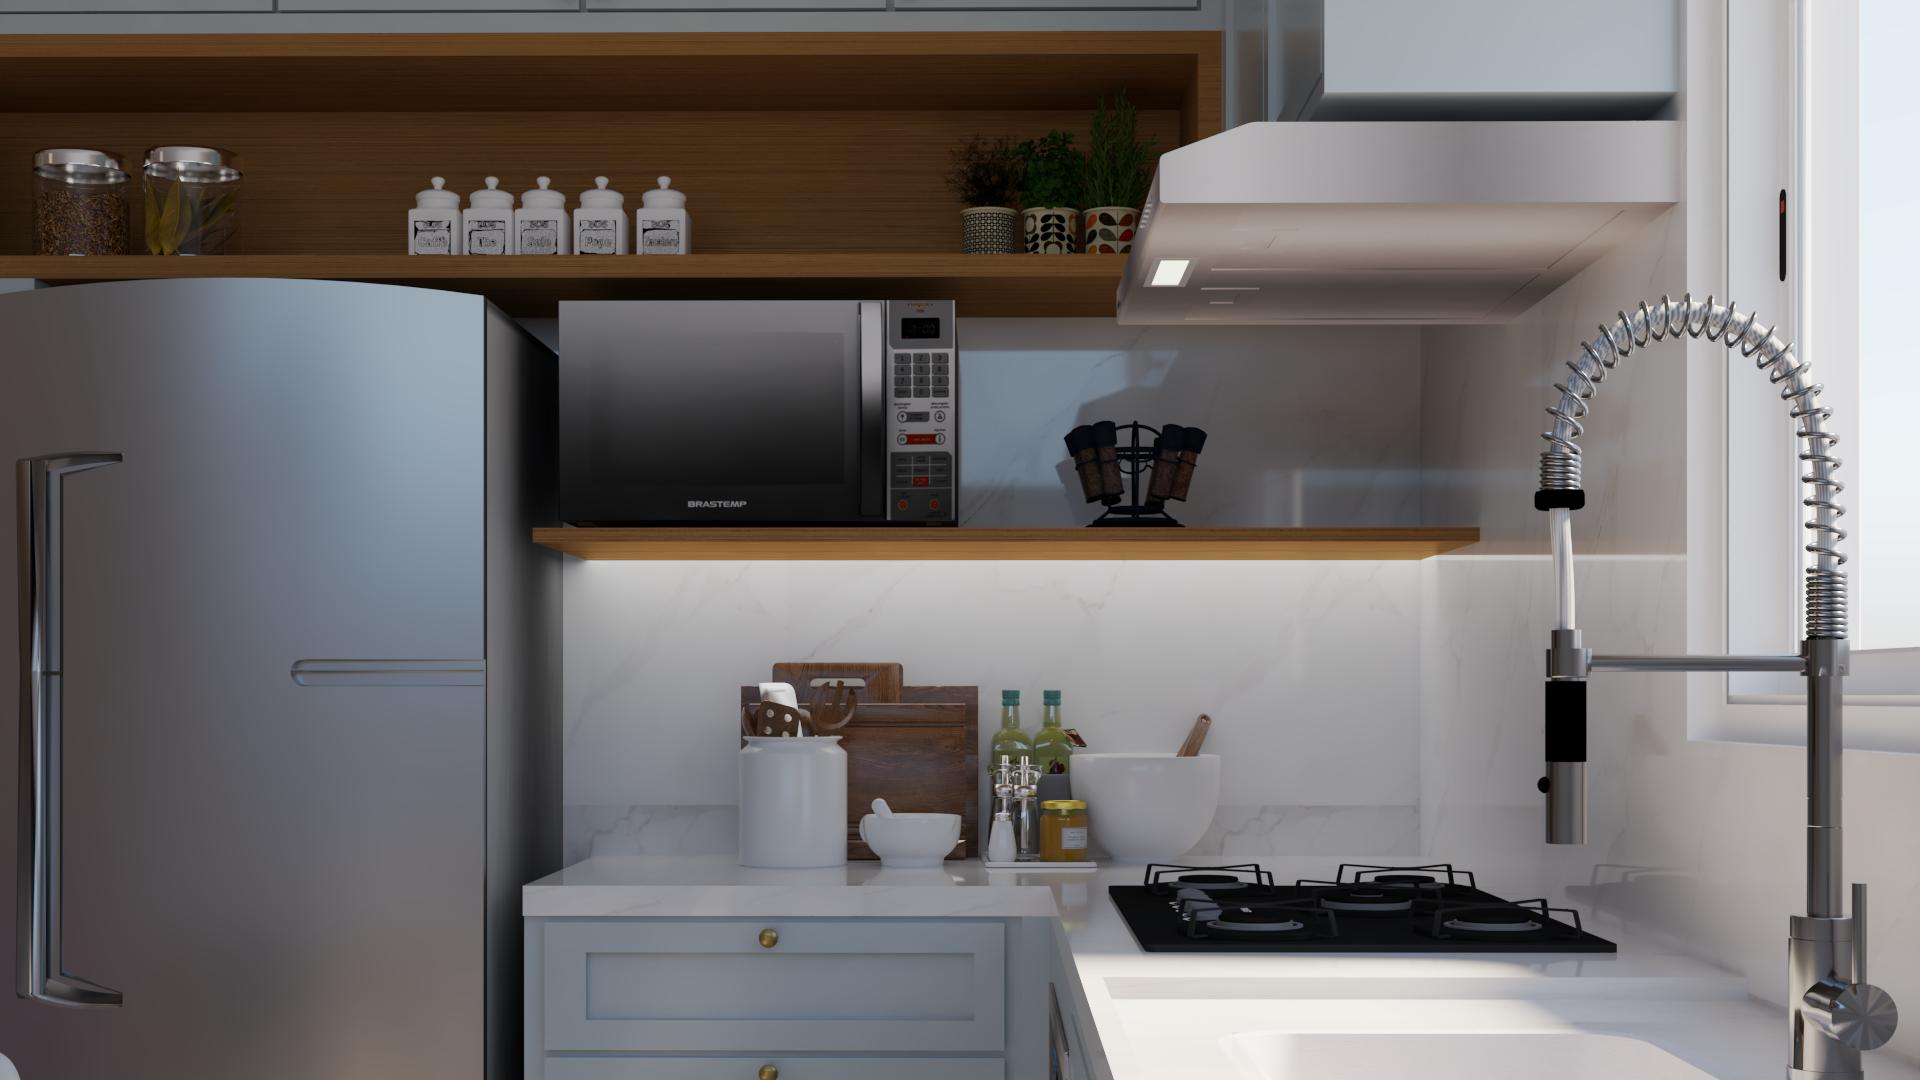 Ana Claudia - cozinha - R0- 01